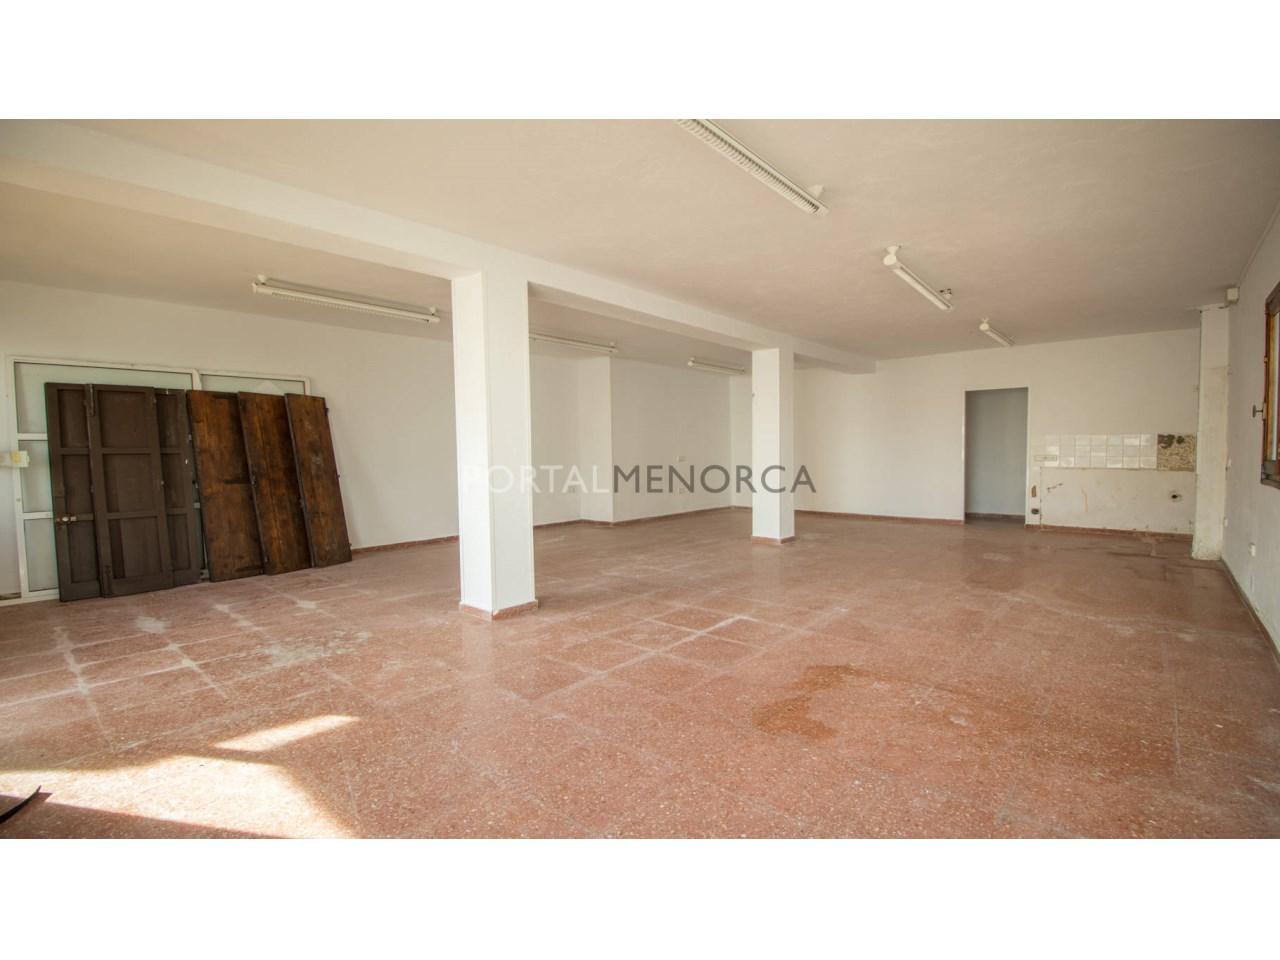 Local comercial o apartemento en venta en Menorca cerca del mar